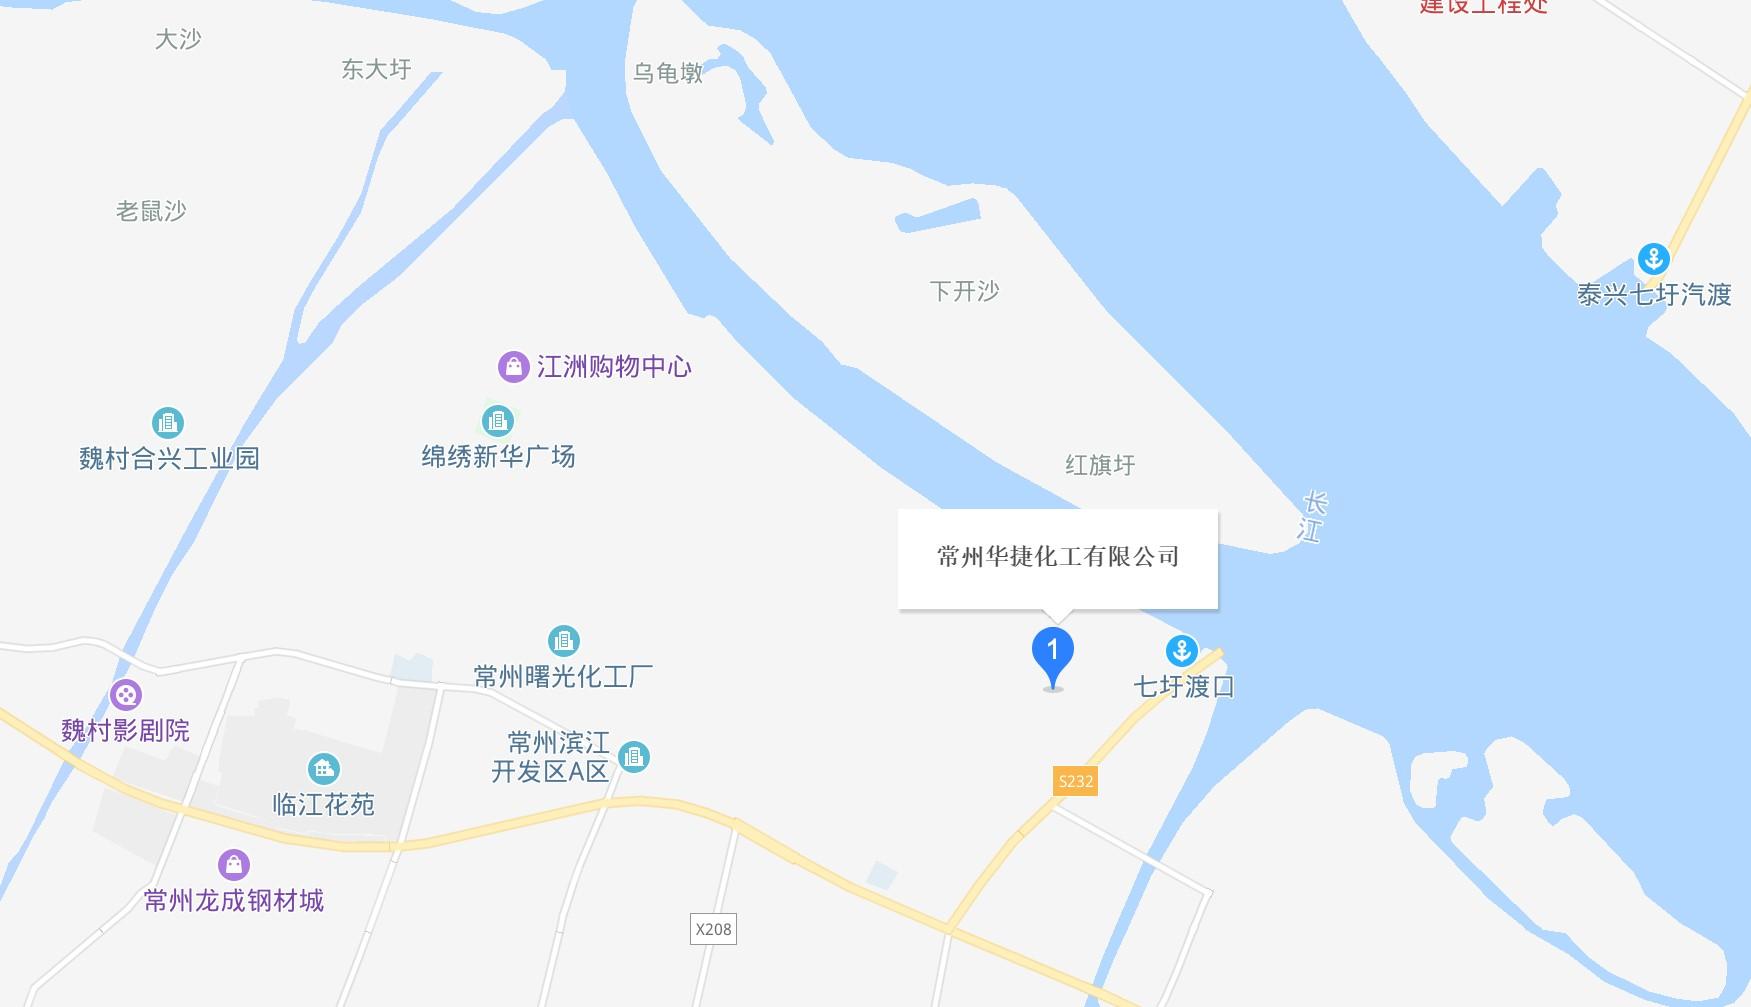 江苏沿江化工企业开始退出:常州4家化工企业签订腾退意向书